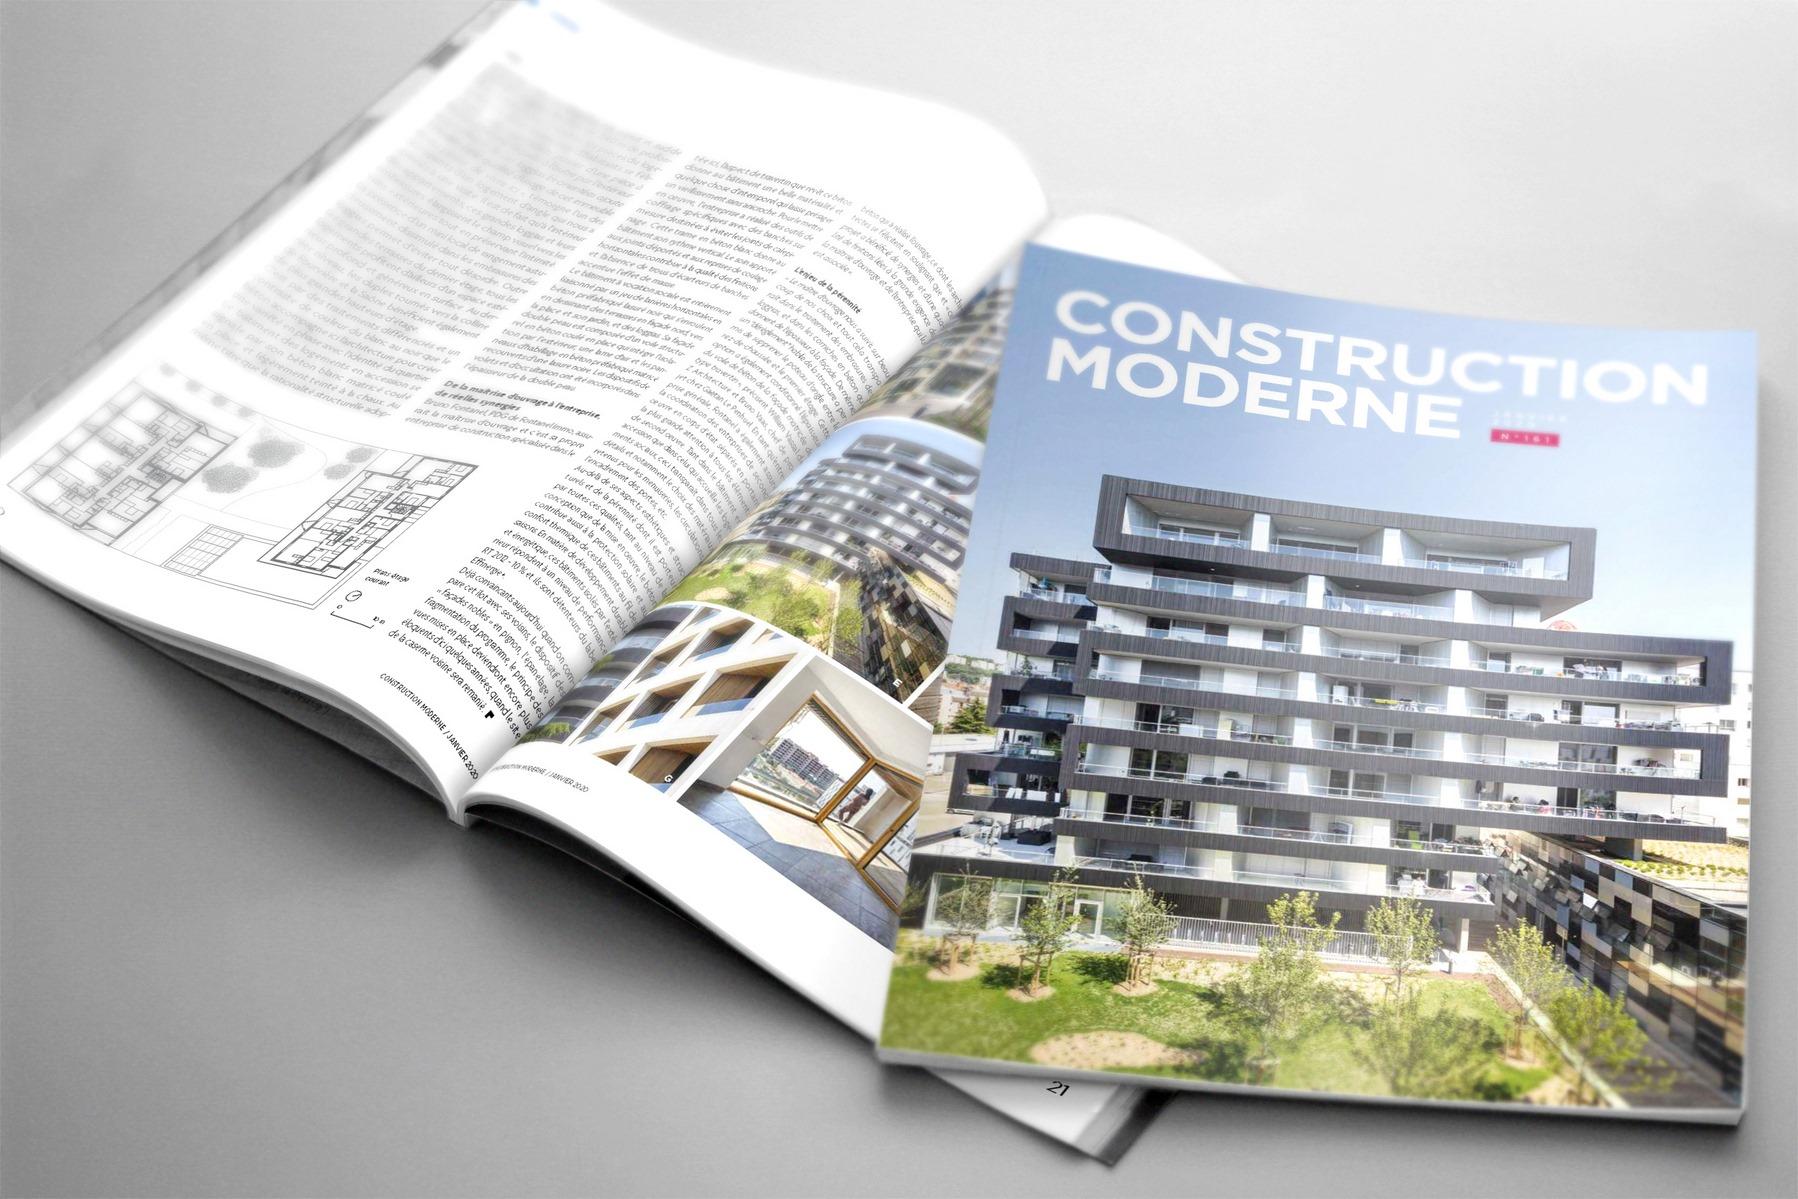 Construction Moderne - Ilot G Lyon - Z Architecture